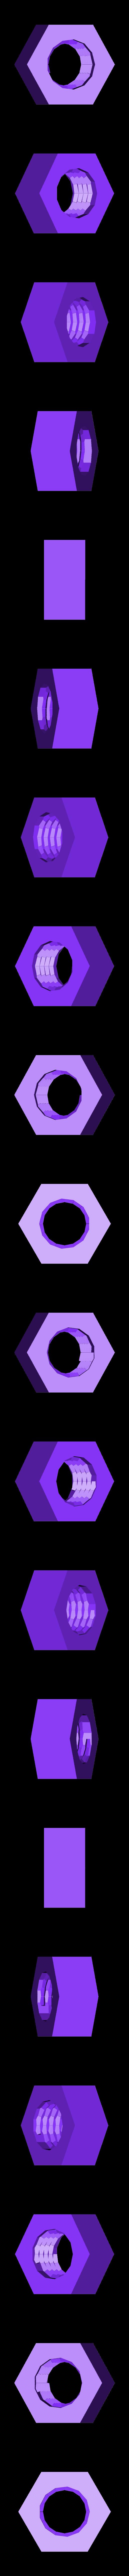 Hex_nut_M8.stl Download free STL file Printable standard M8 Hex nuts and washers • 3D printer design, Ogrod3d